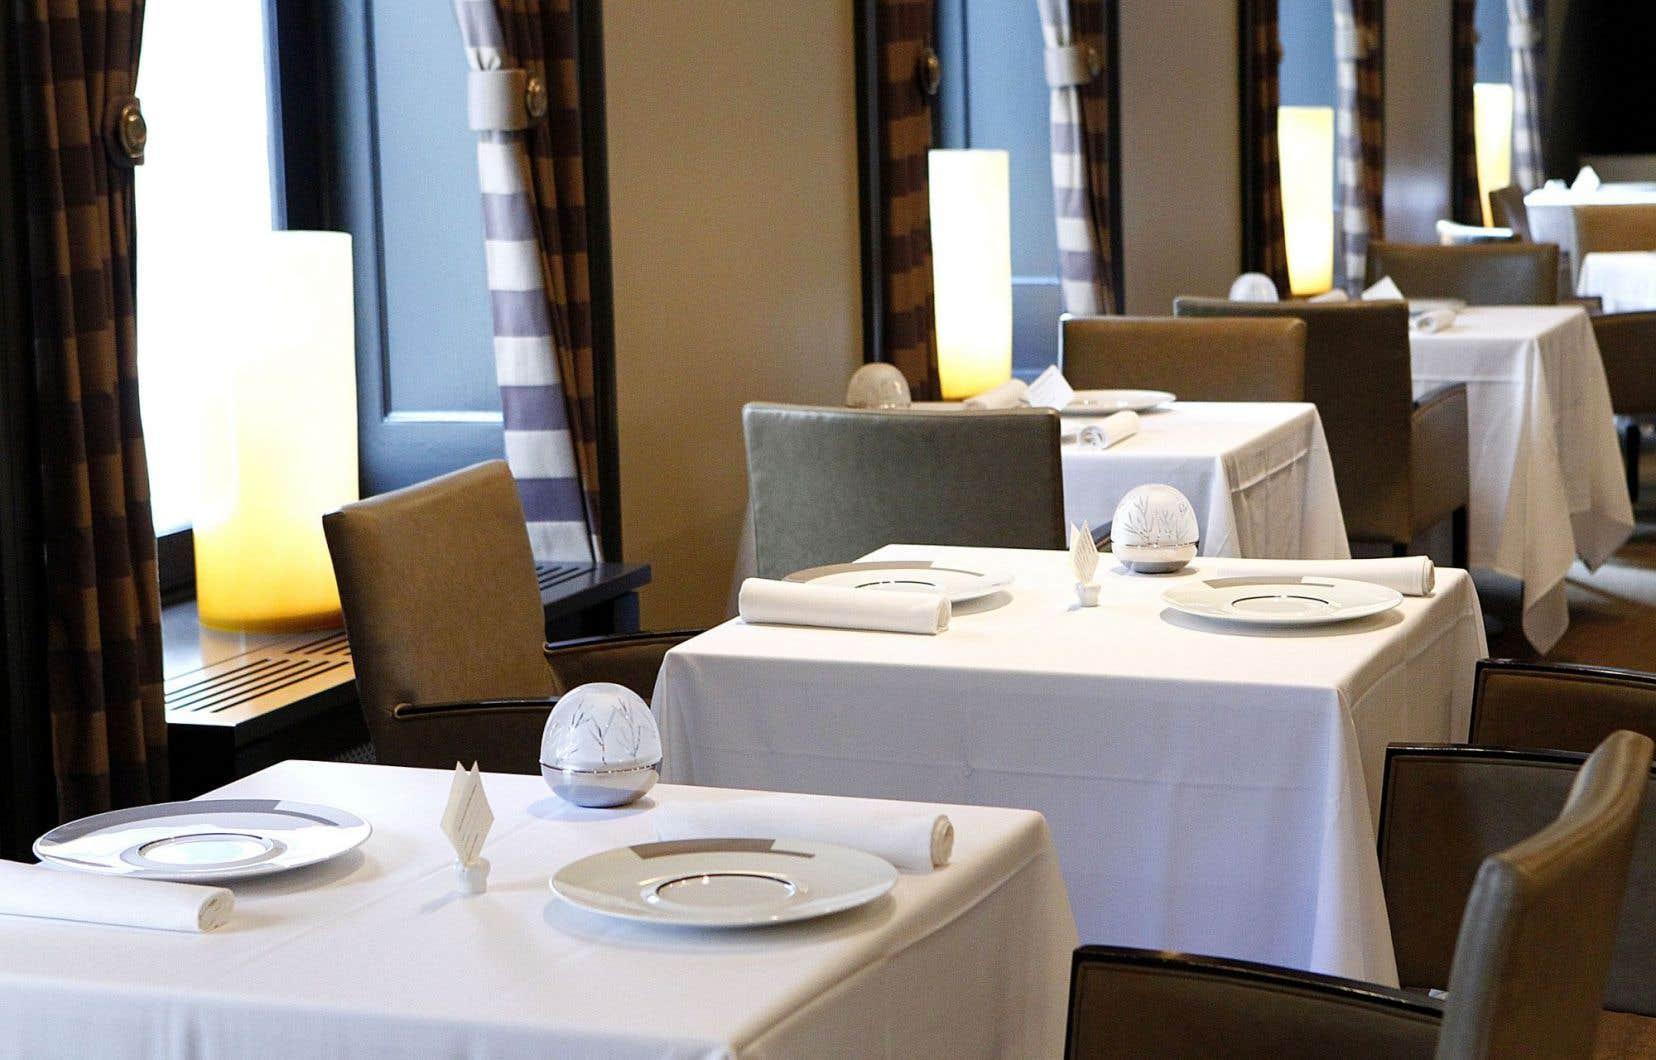 L'un des pionniers et sans doute un des meilleurs professionnels de tout le Québec, est le grand chef Relais Châteaux, Yvan Lebrun, avec son restaurant L'Initiale, constant au fil du temps.